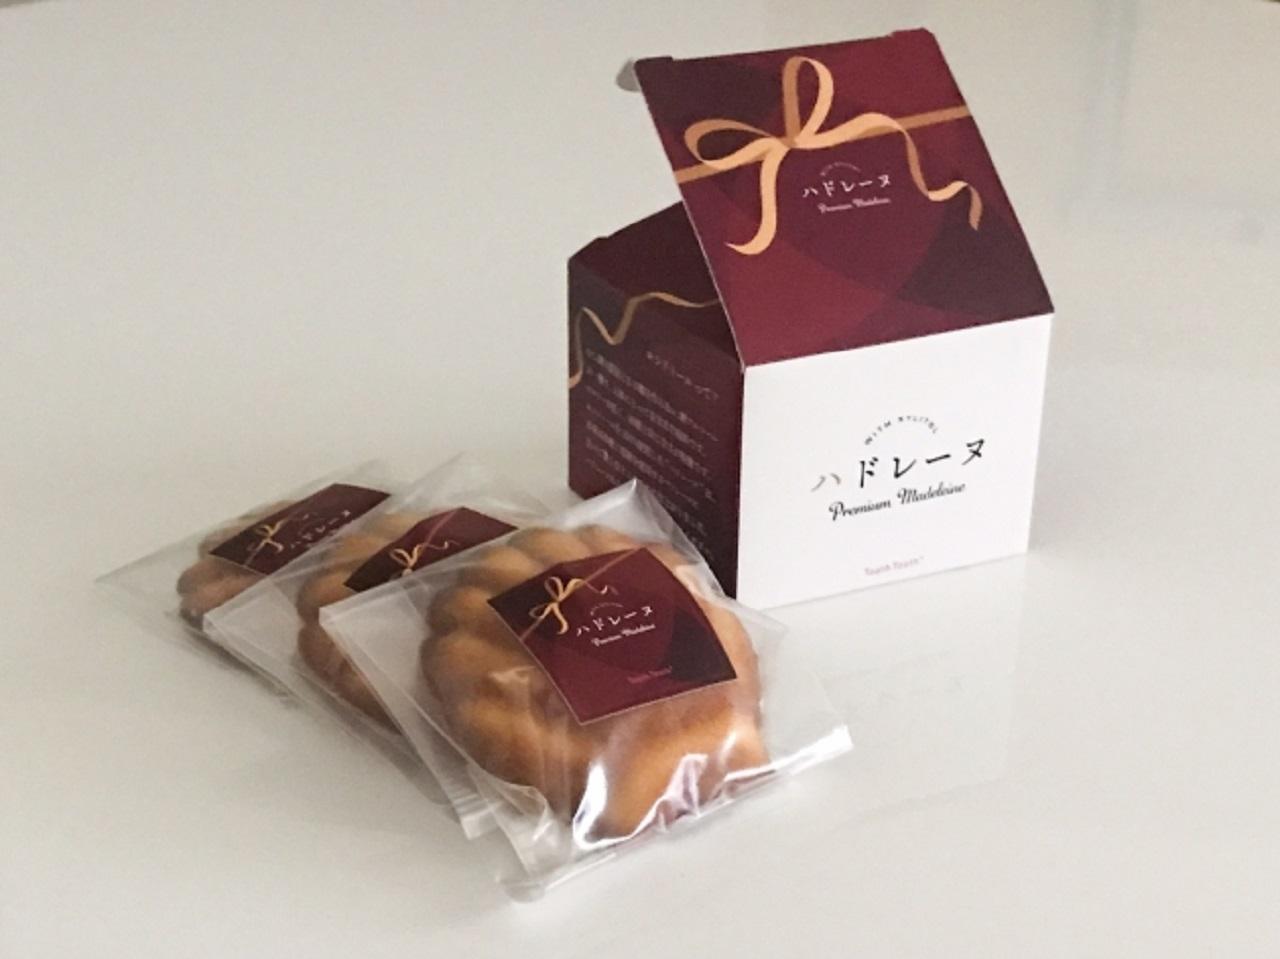 甘味料100%キシリトールの焼き菓子「ハドレーヌ」のイメージ1